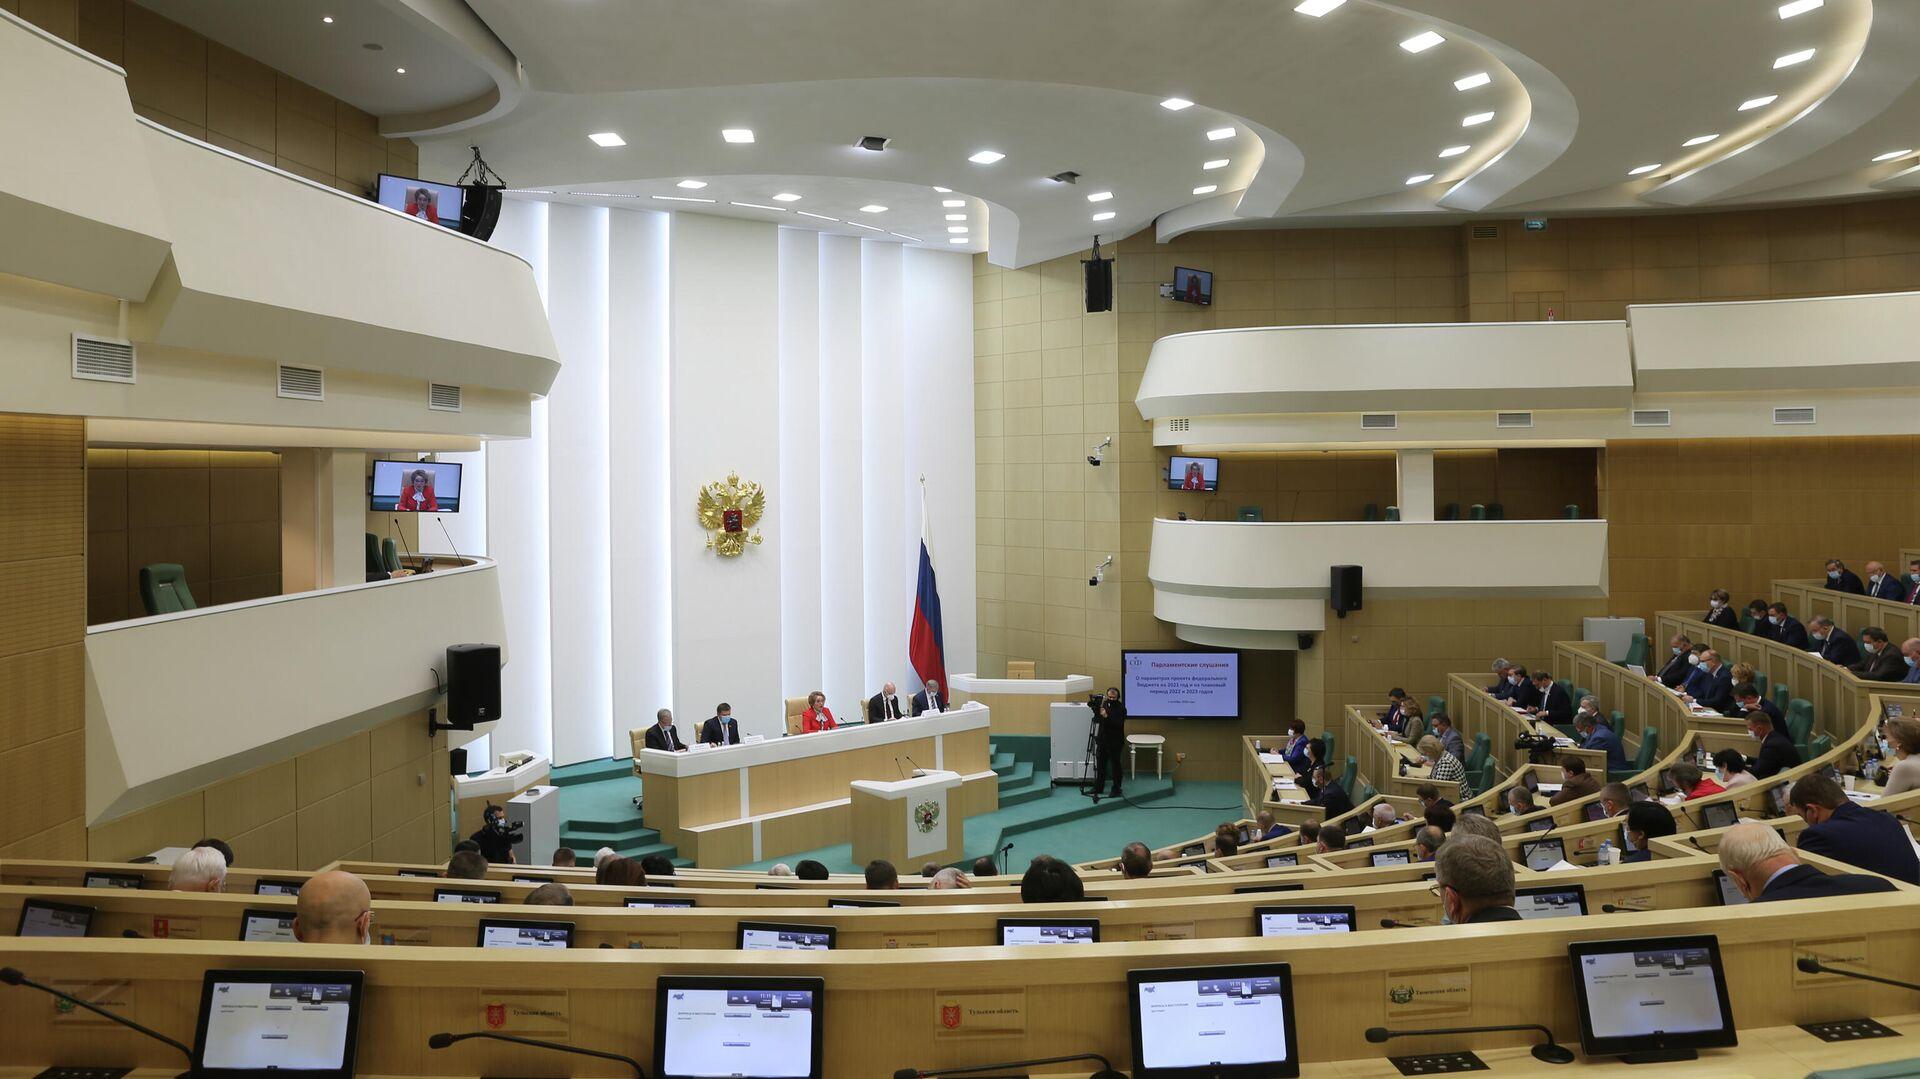 Сенаторы во время парламентских слушаний О параметрах проекта федерального бюджета на 2021 год и на плановый период 2022 и 2023 годов - РИА Новости, 1920, 19.10.2020